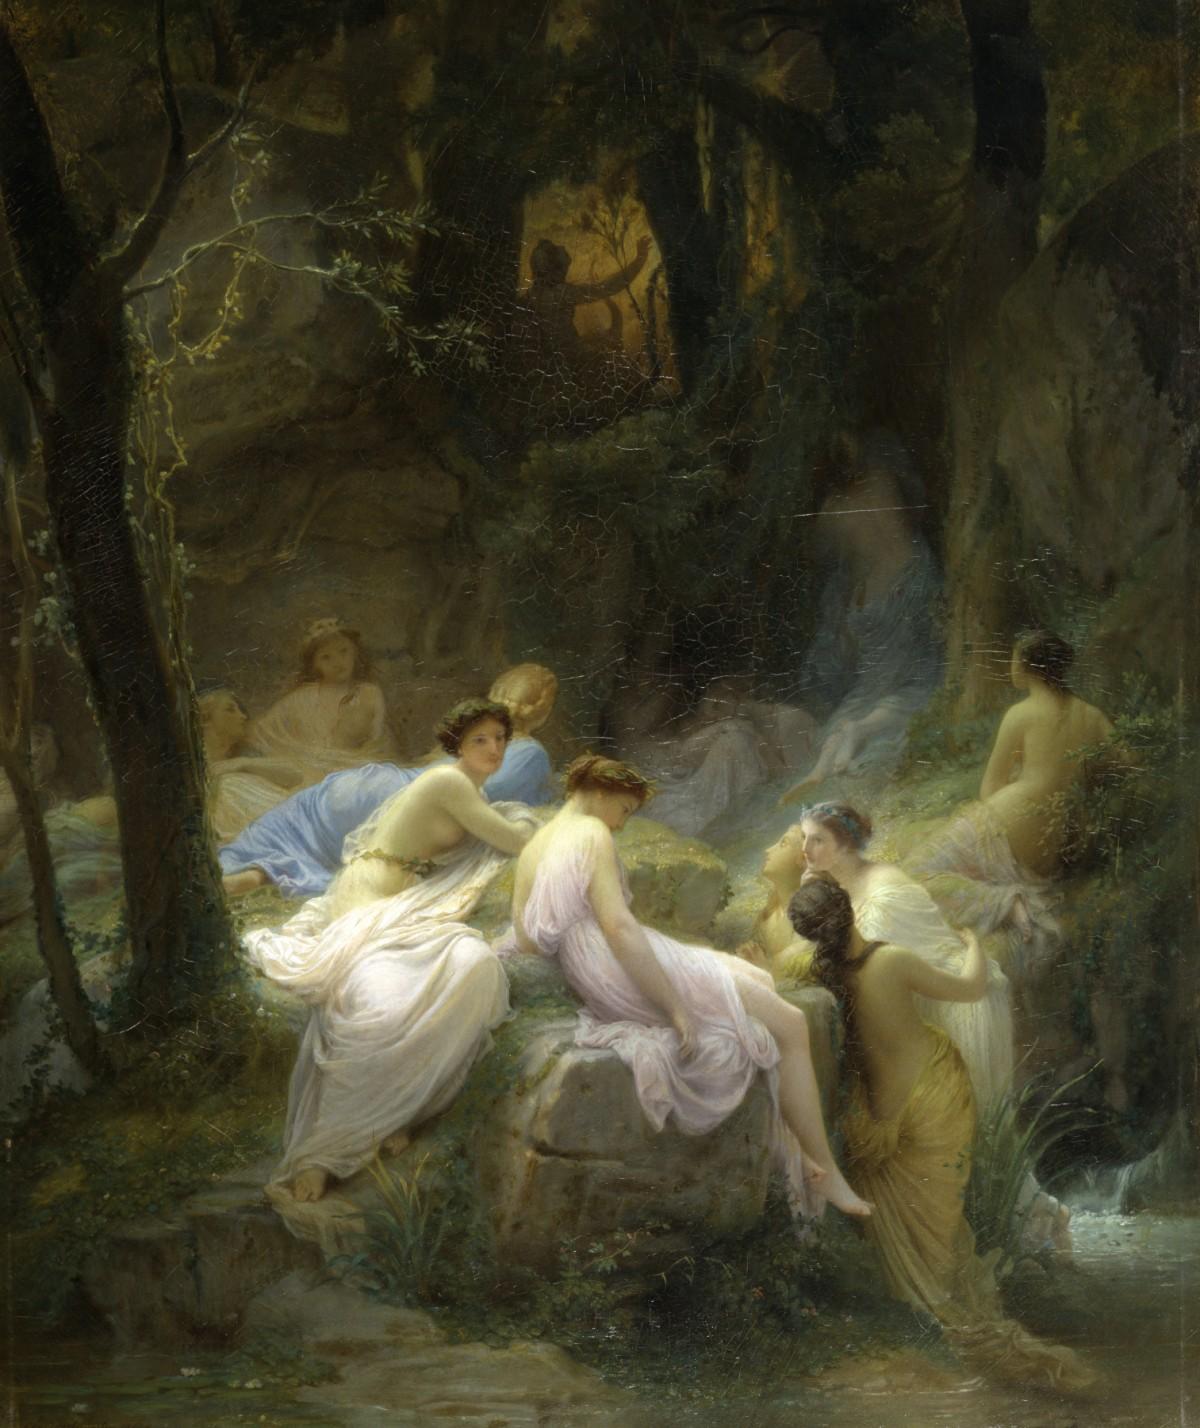 オルフェウスの曲に耳を傾けるニンフたち(シャルル・ジャラベール,1853)